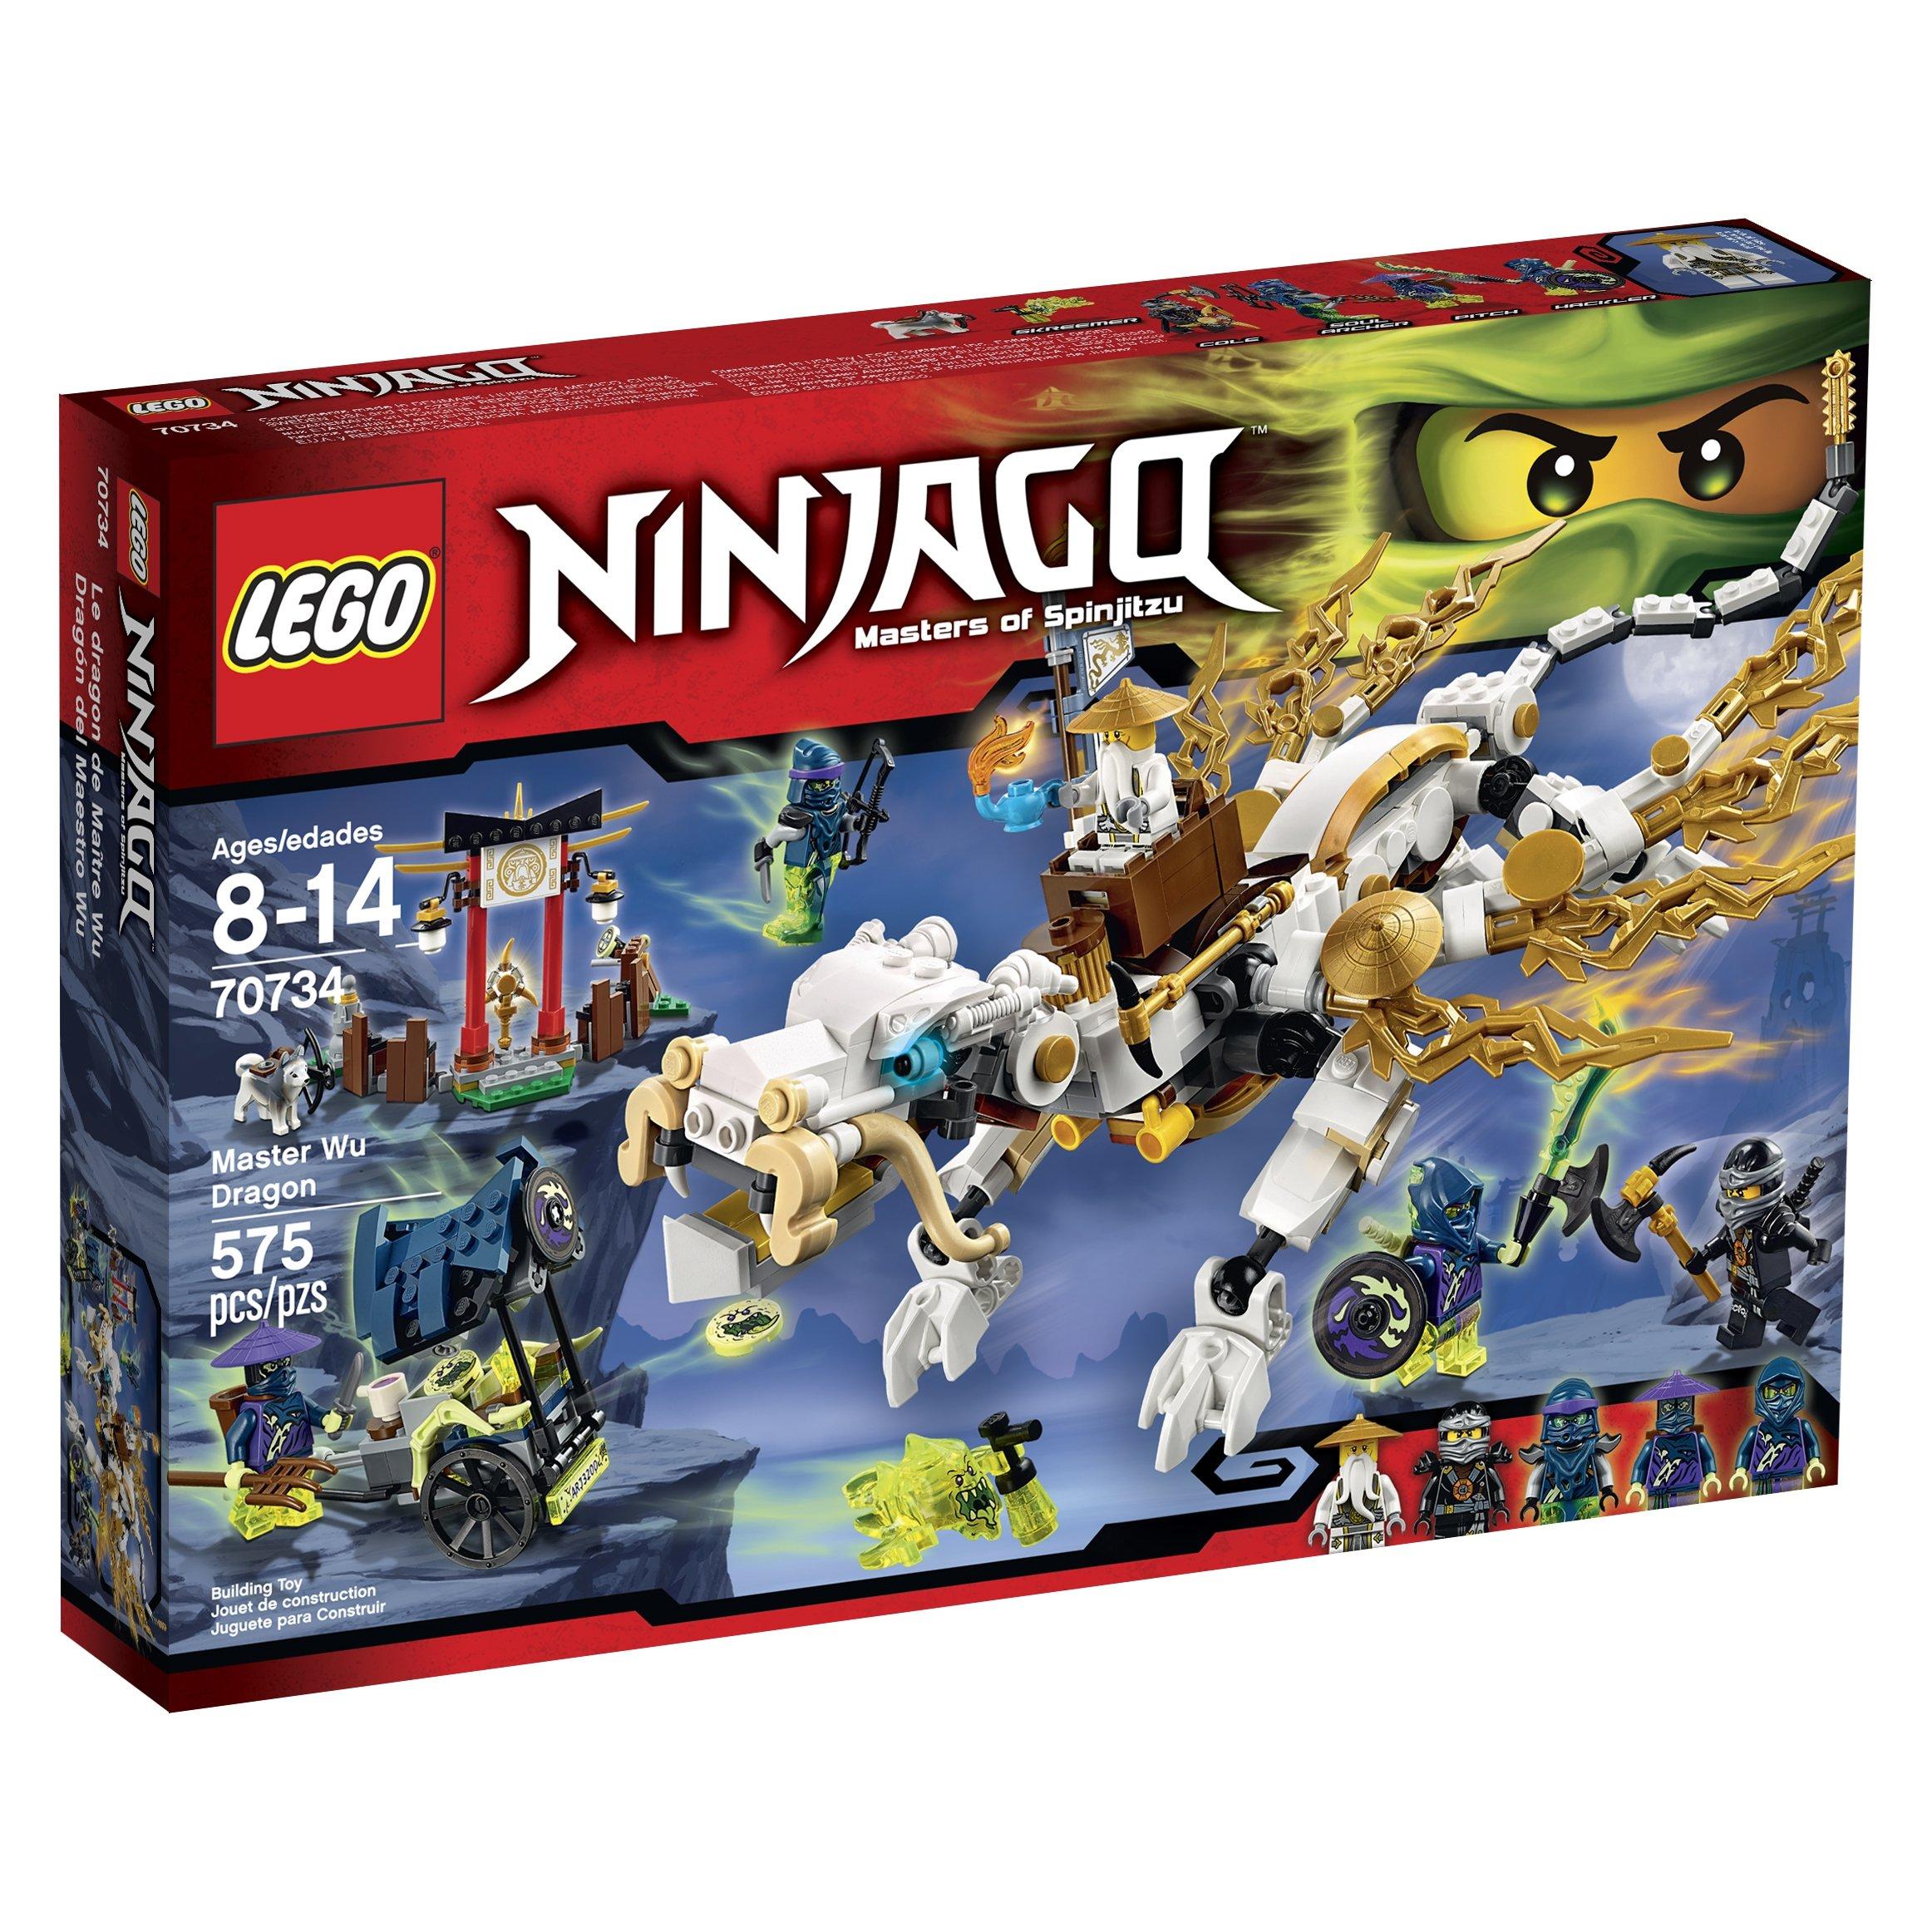 Buy Ninjago Lego Set Now!